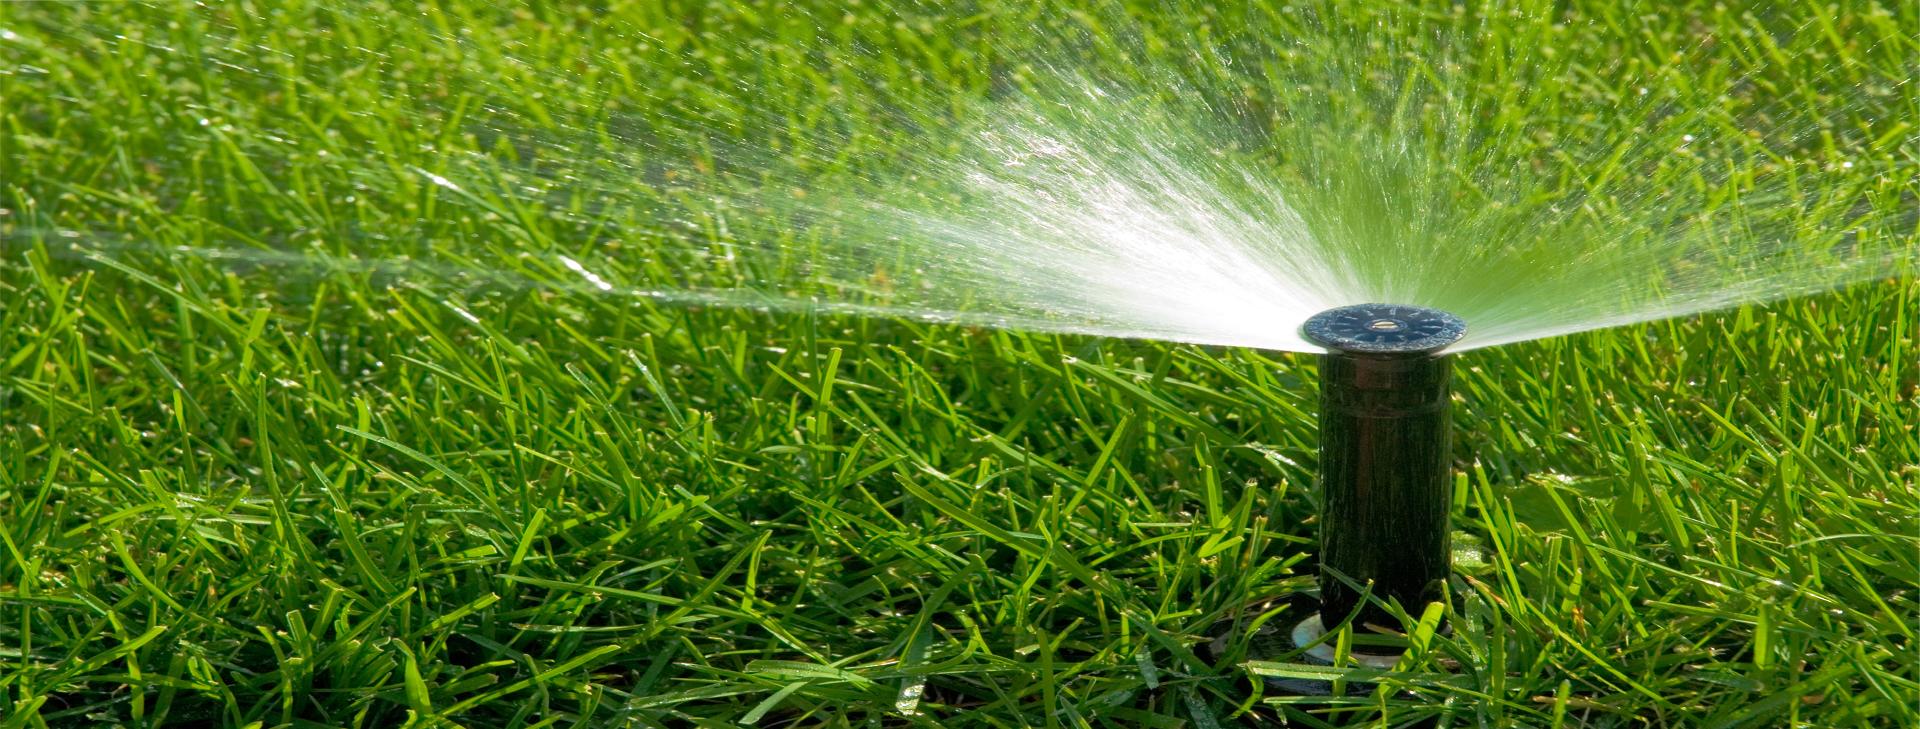 Votre pelouse et votre paysage la façon dont il devrait être